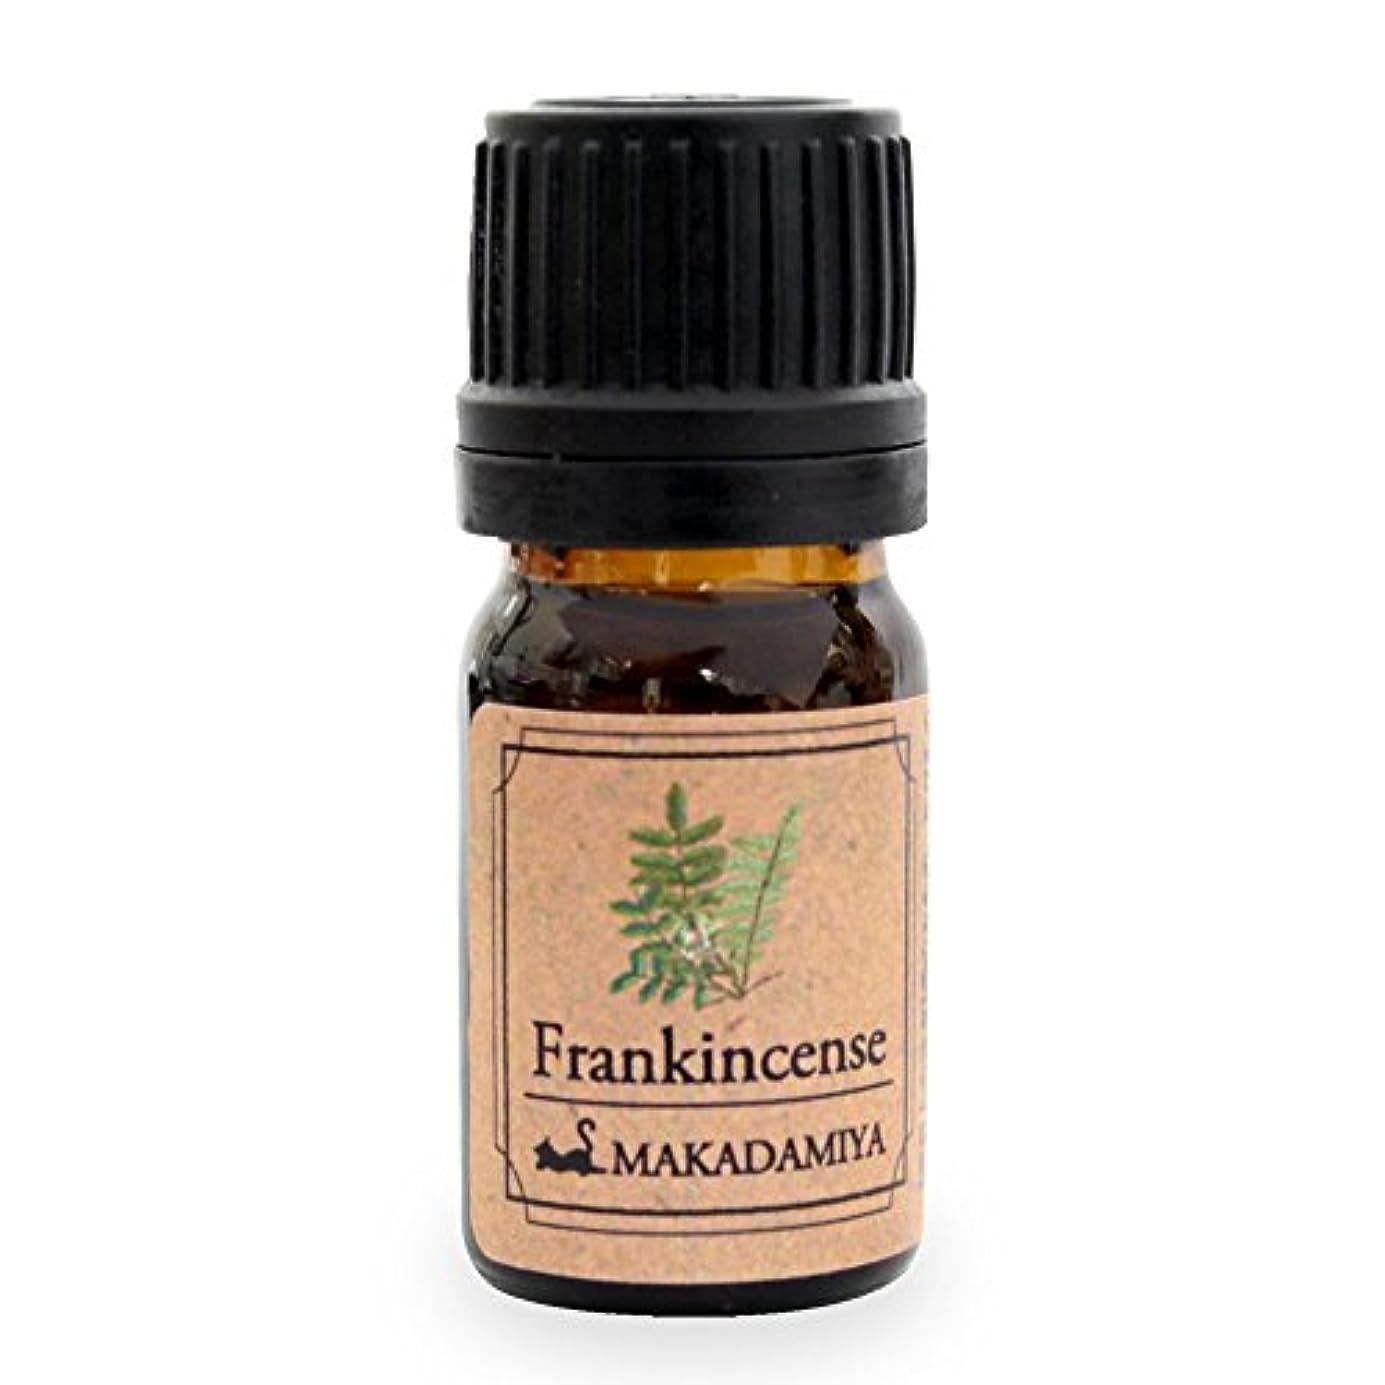 ネコタービンおめでとうフランキンセンス5ml 天然100%植物性 エッセンシャルオイル(精油) アロマオイル アロママッサージ aroma Frankincense